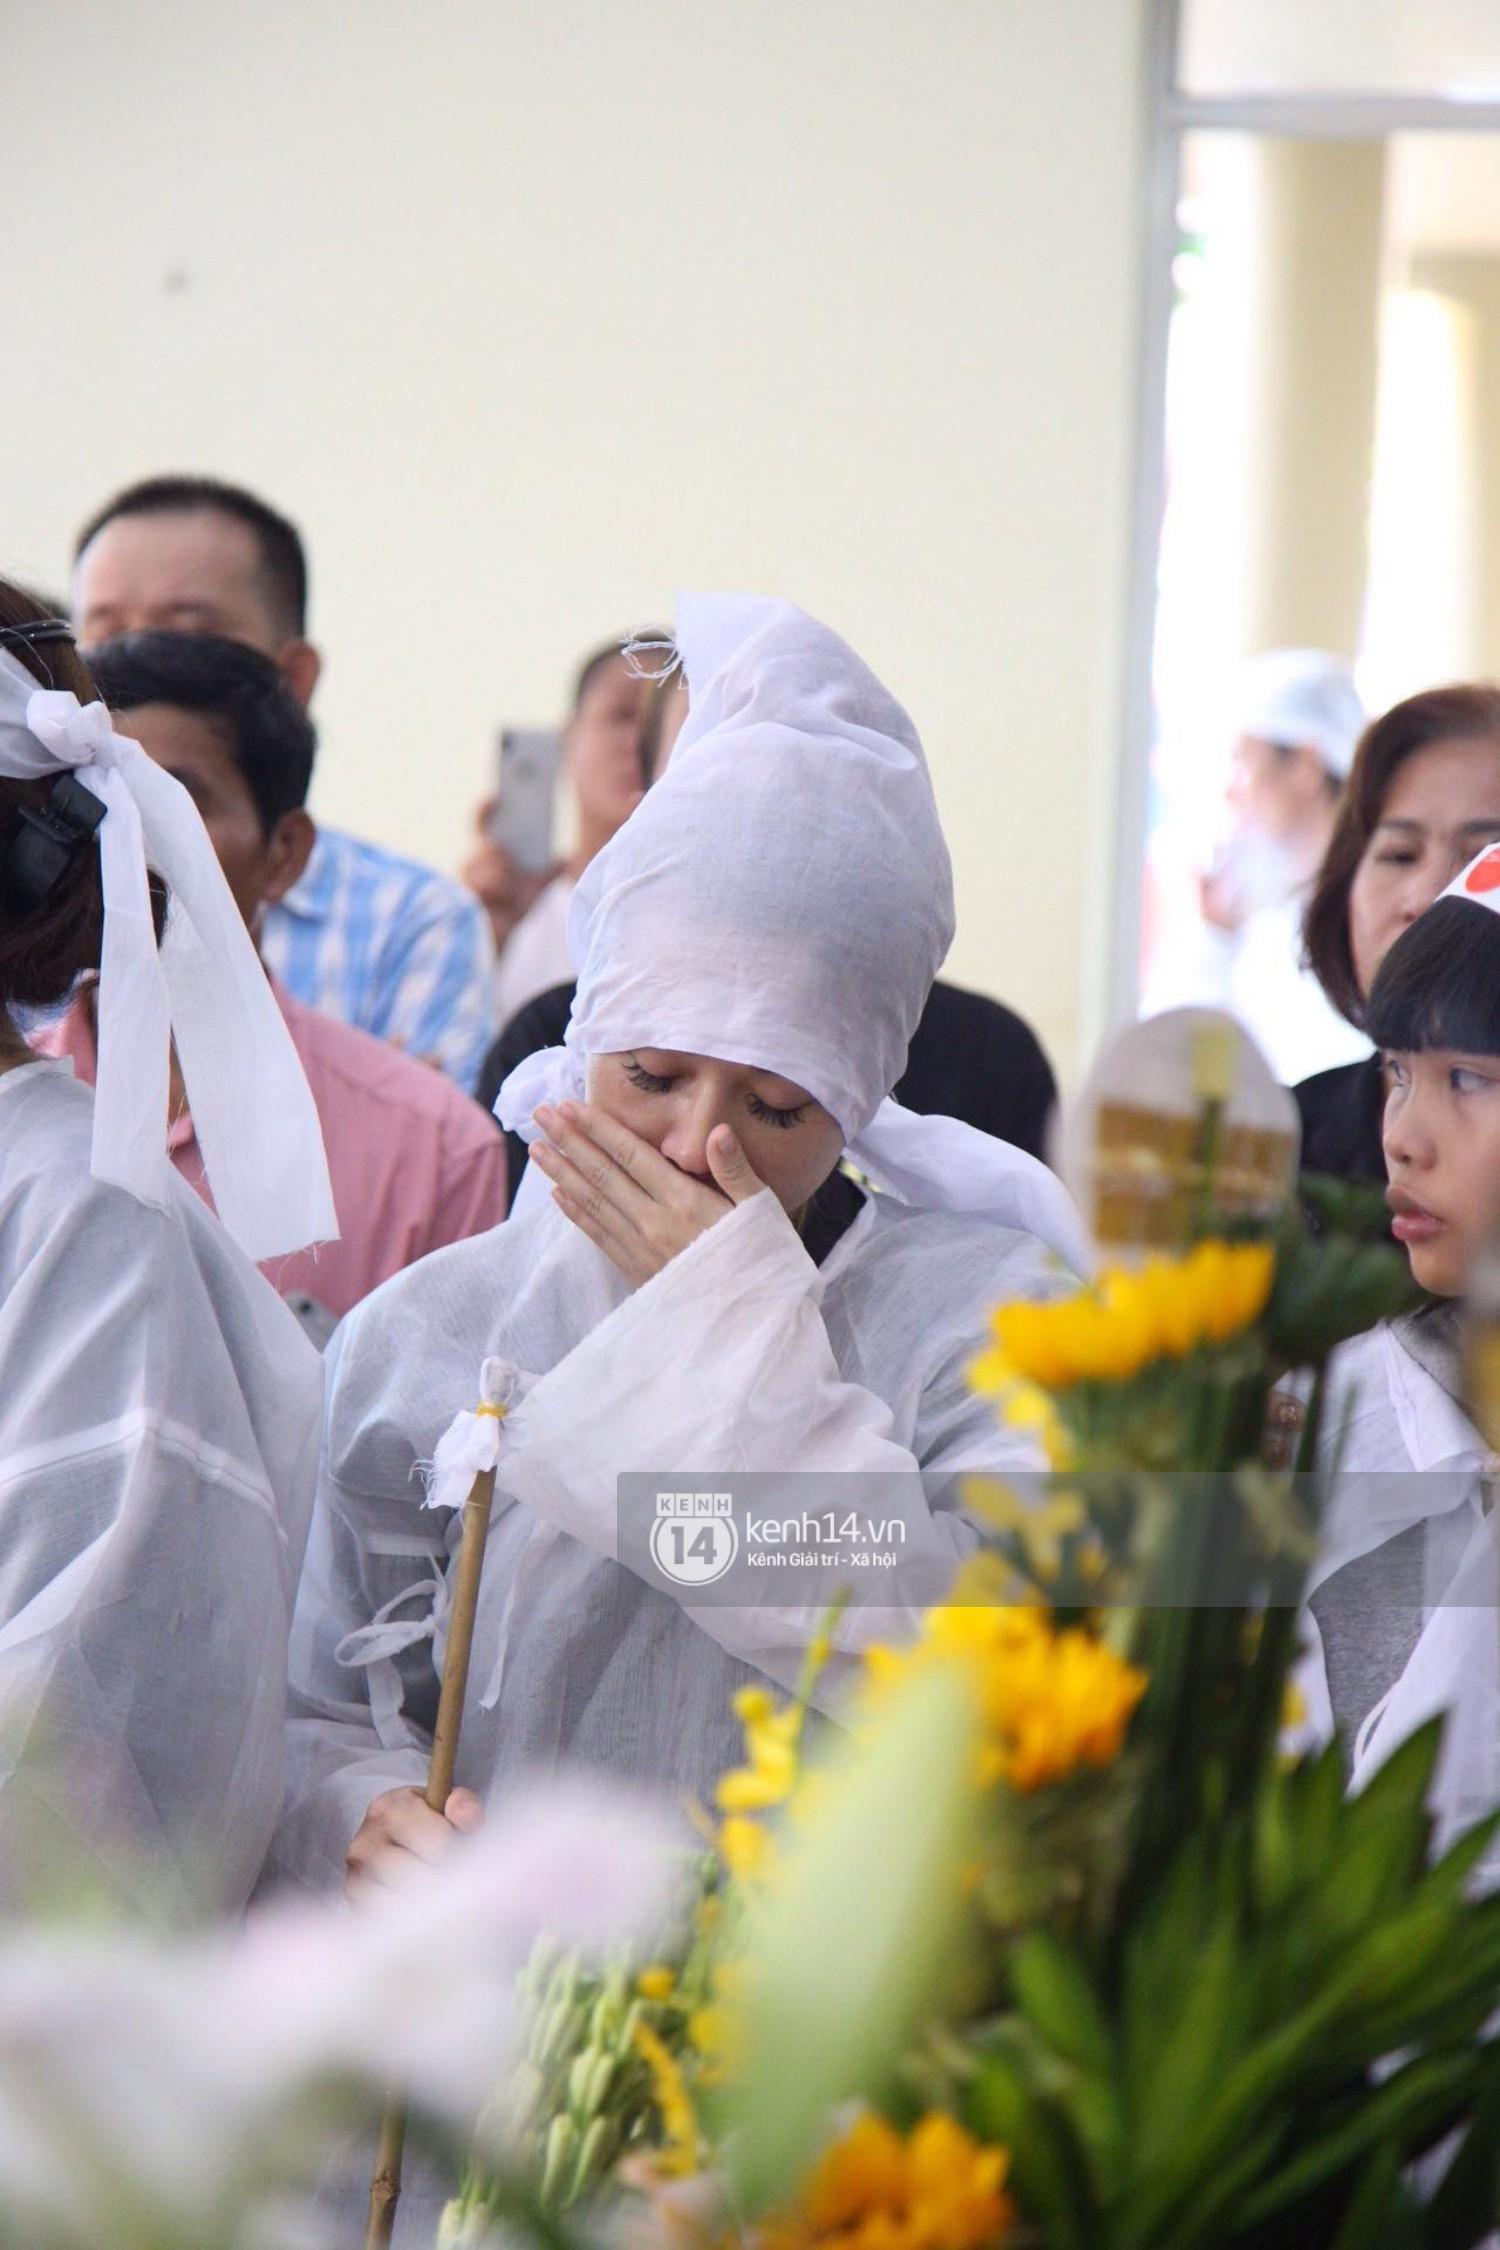 Gia đình, bạn bè đồng nghiệp xúc động bật khóc tiễn biệt cố nghệ sĩ Lê Bình về đất mẹ - Ảnh 2.